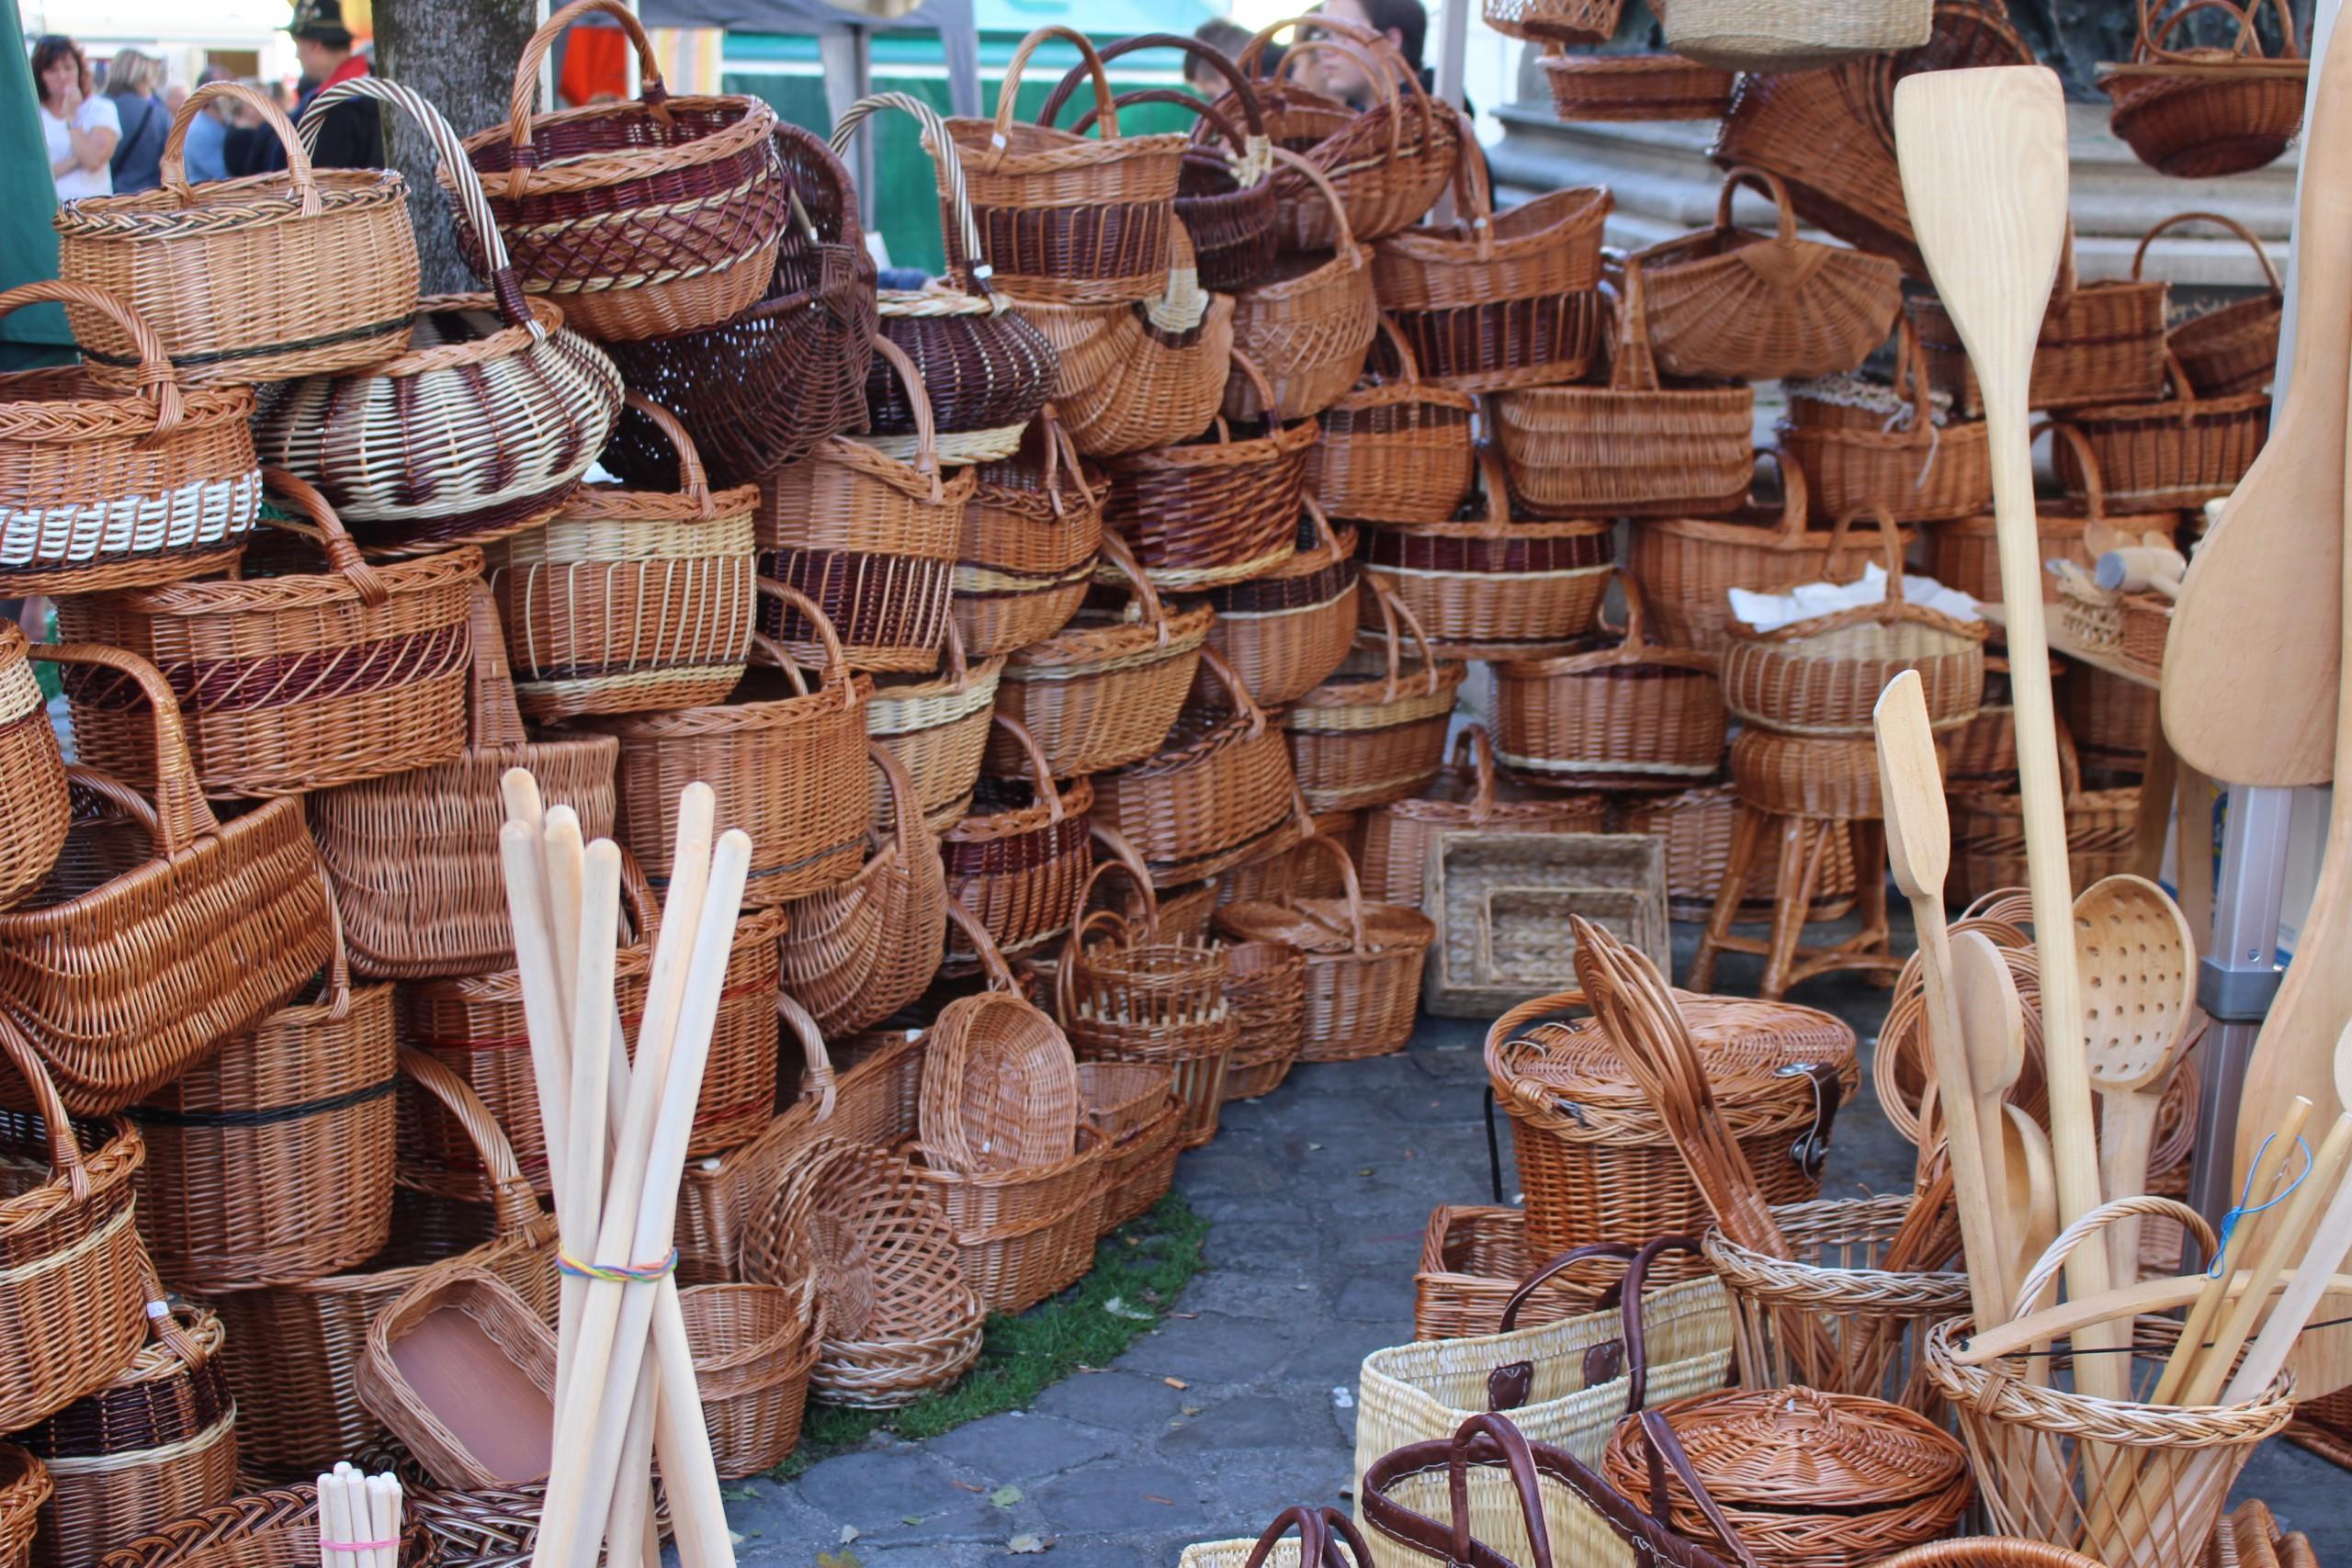 Tölzer Herbstmarkt